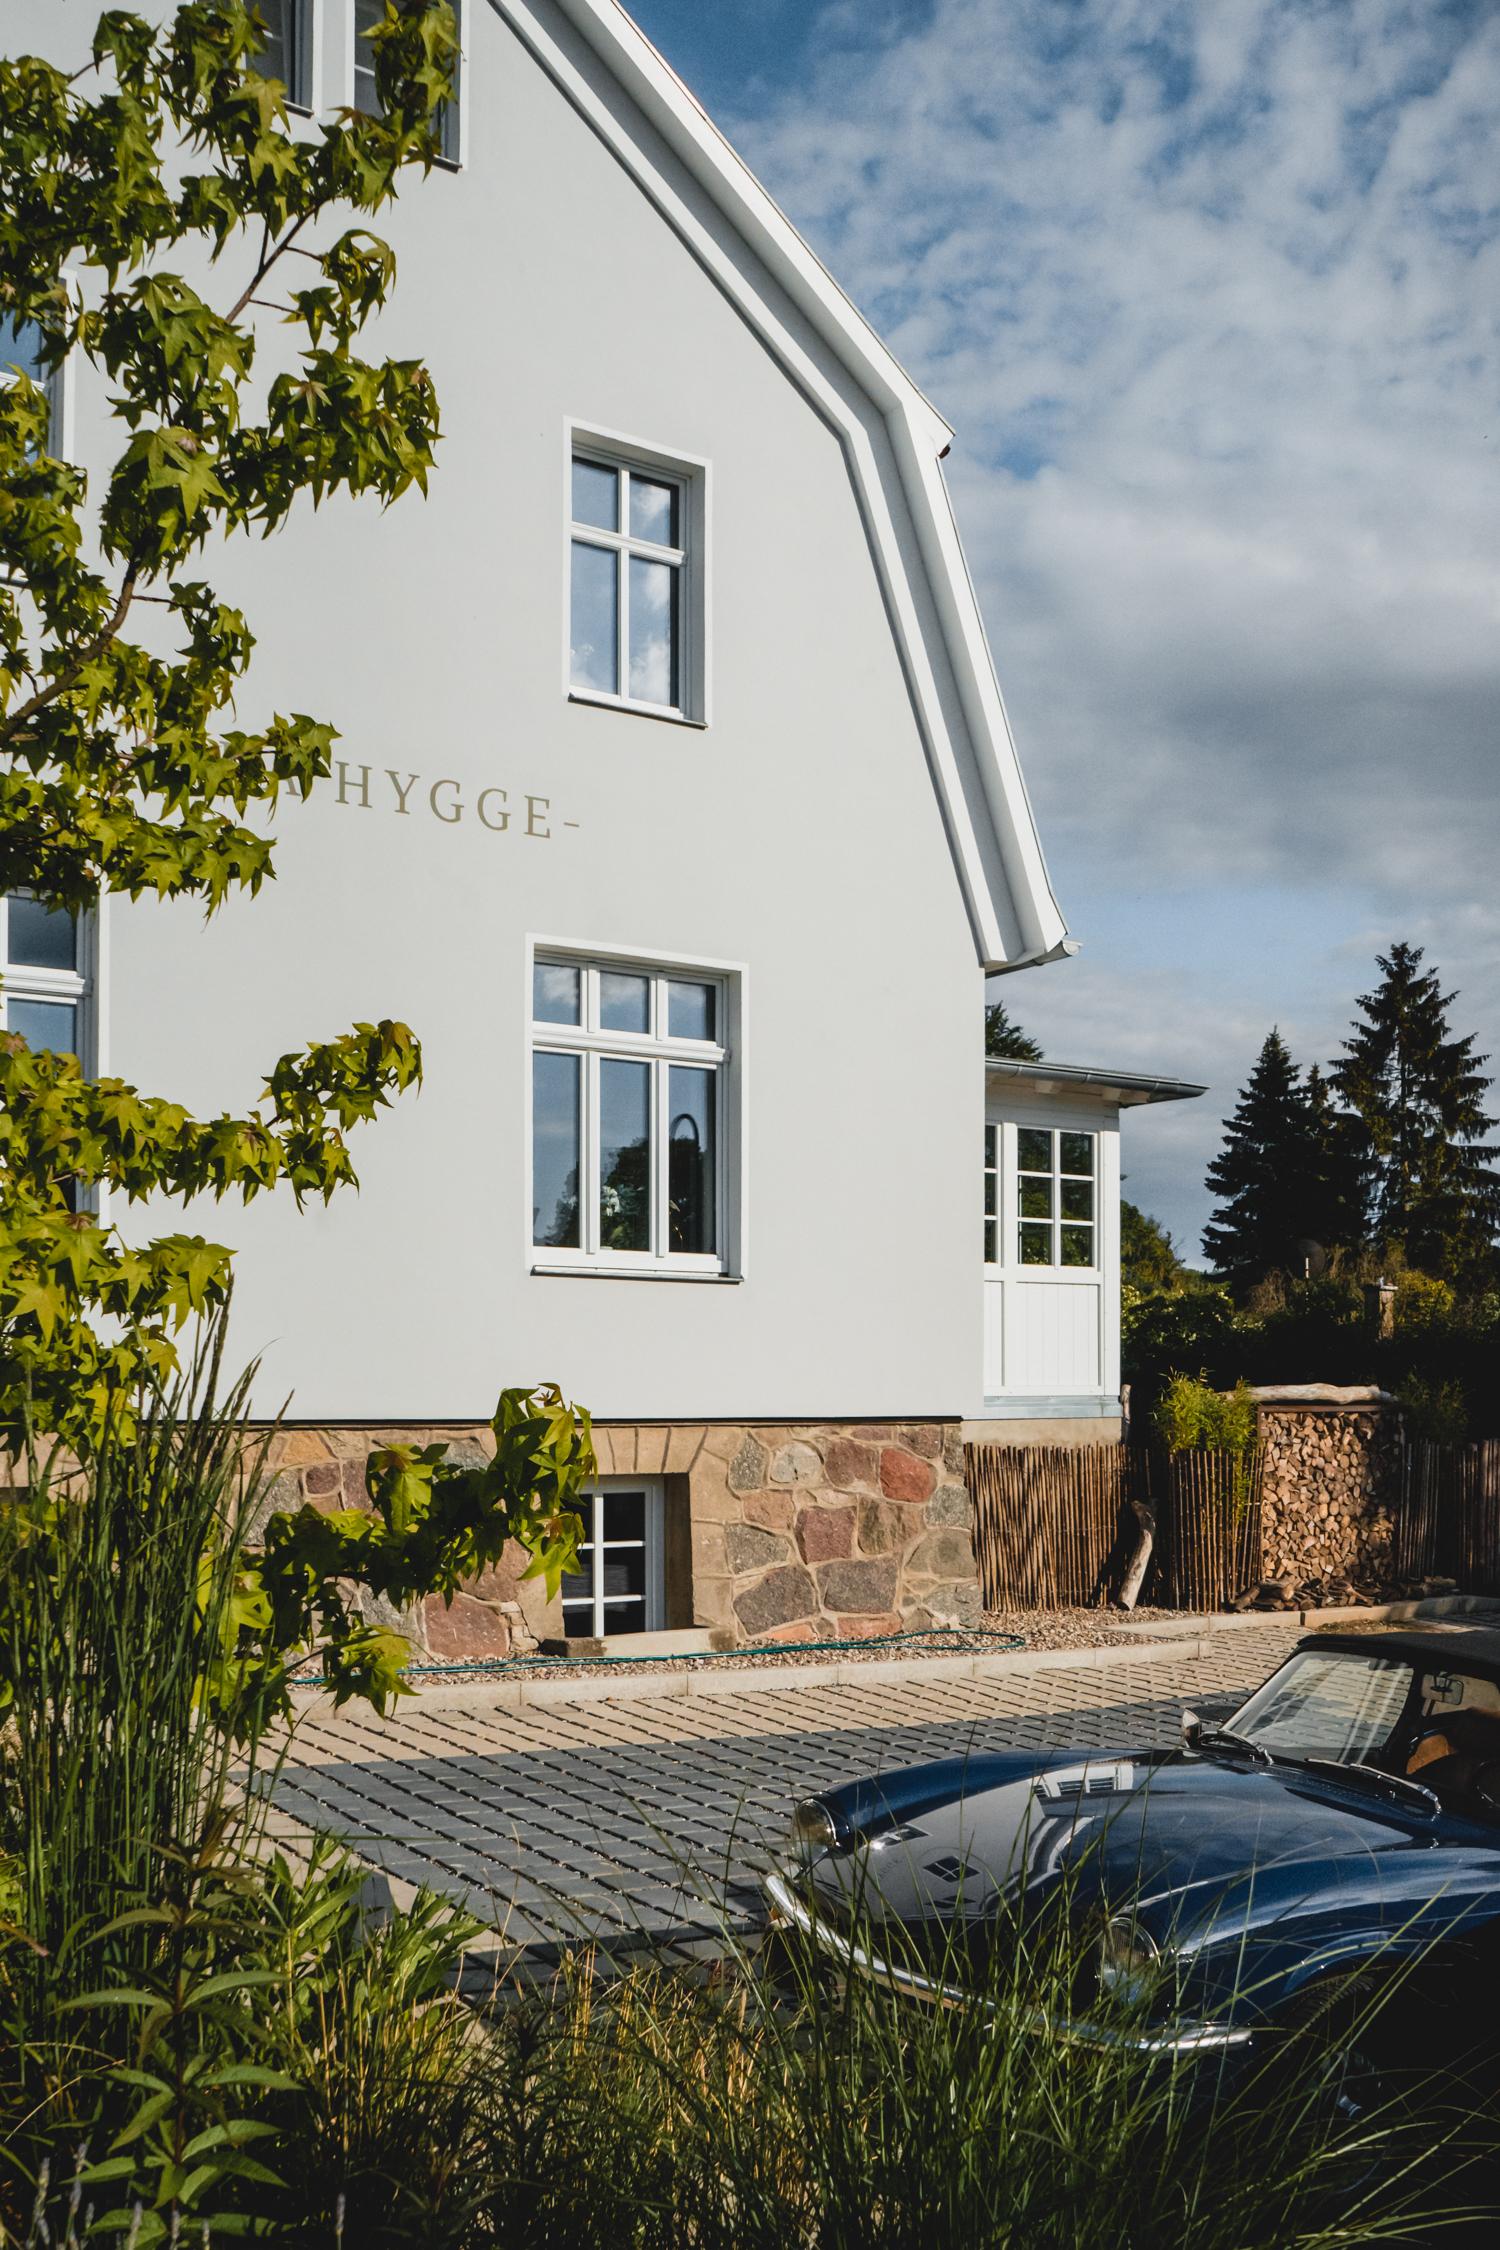 Nachhaltige Übernachtung in der Villa Hygge